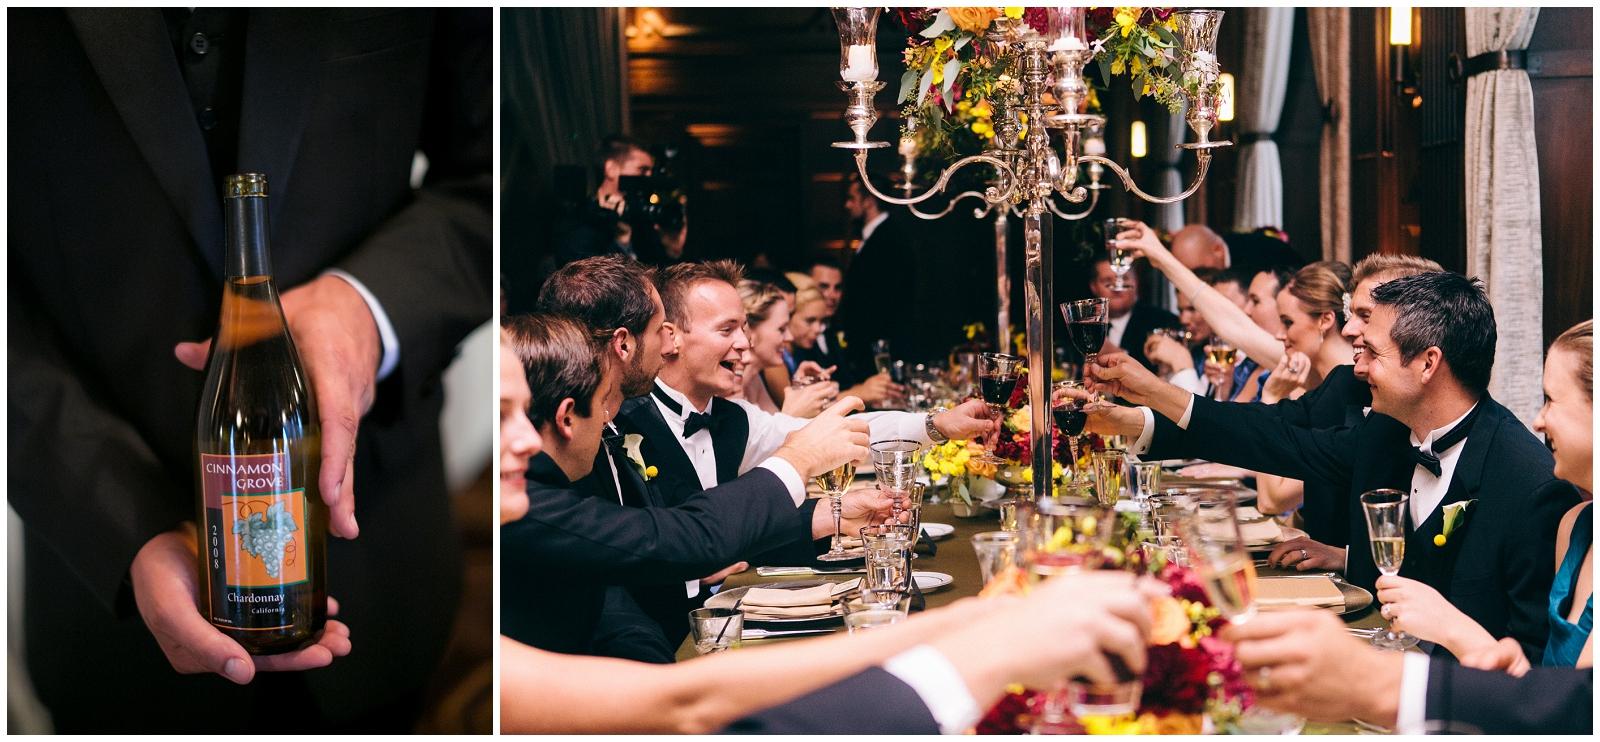 San-Francisco-Bay-Area-Wedding-Photography-Julia-Morgan-Ballroom-12.jpg